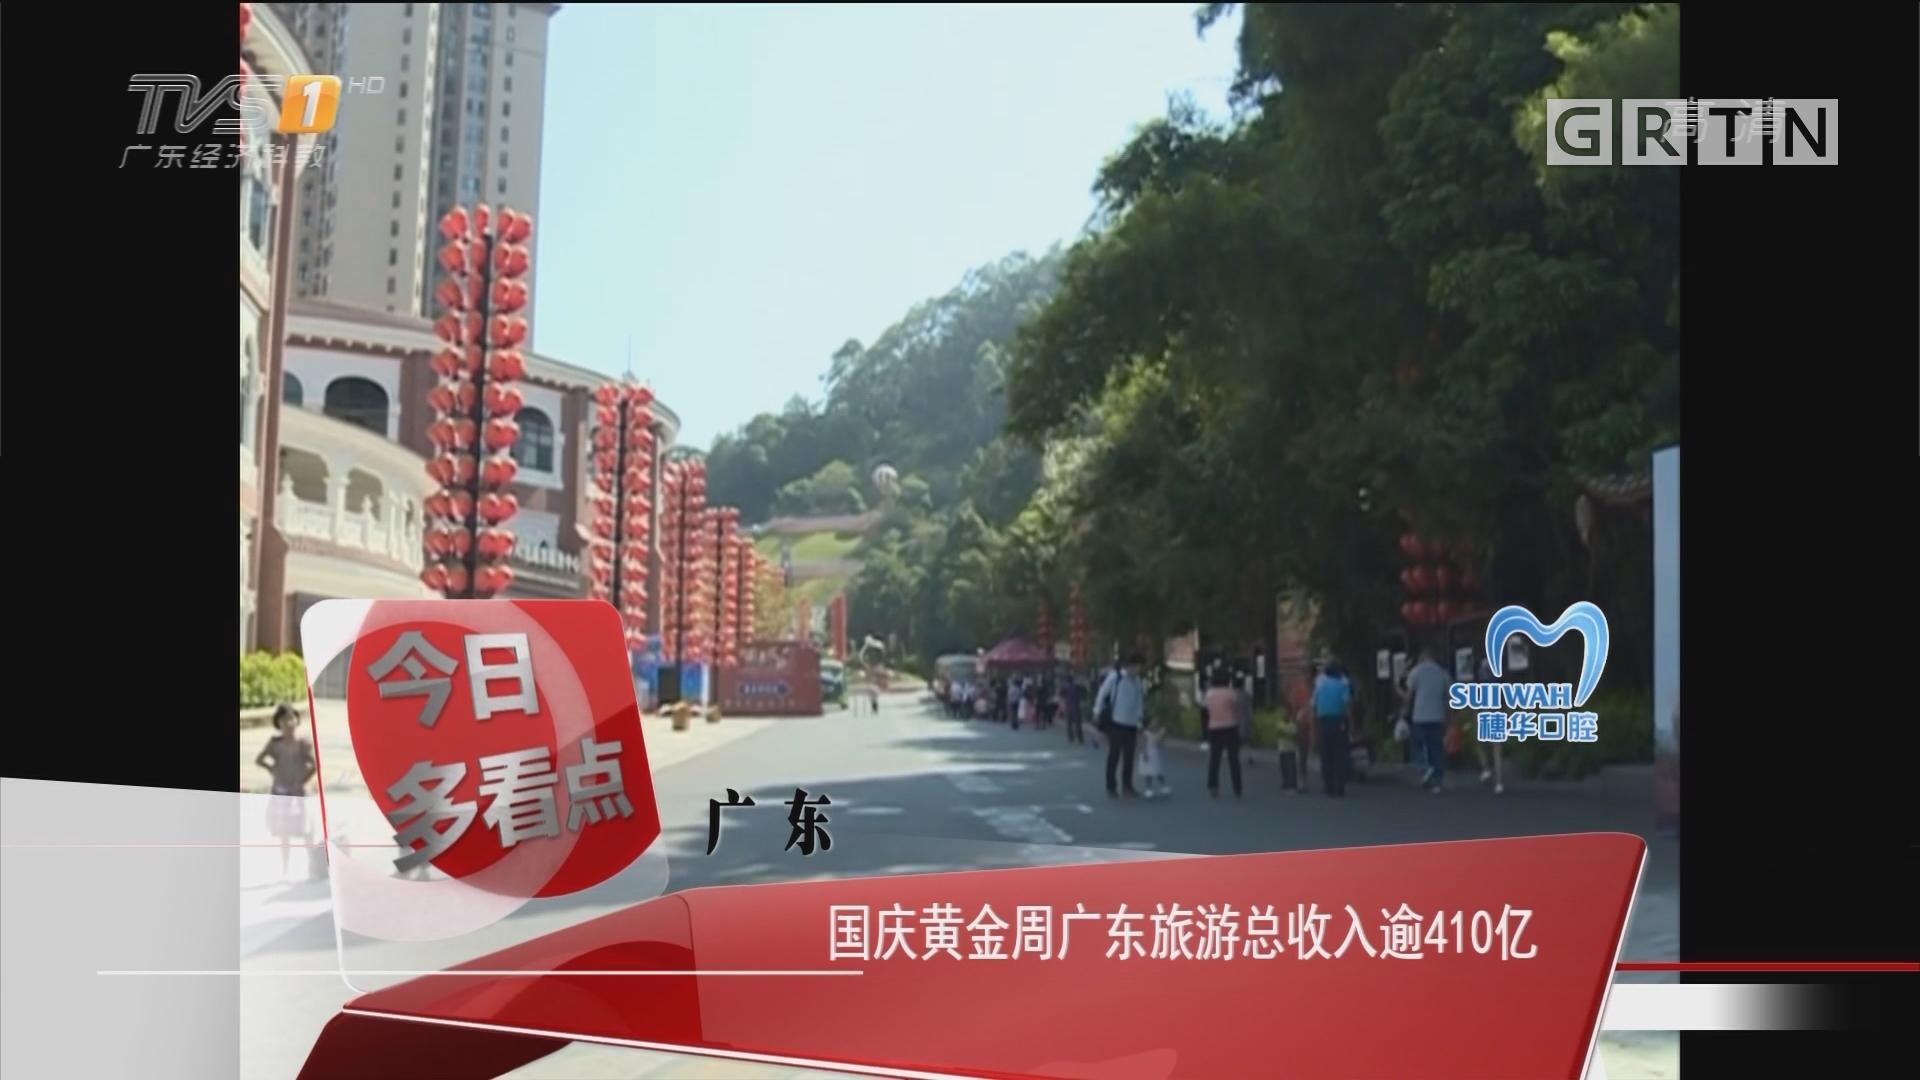 广东:国庆黄金周广东旅游总收入逾410亿